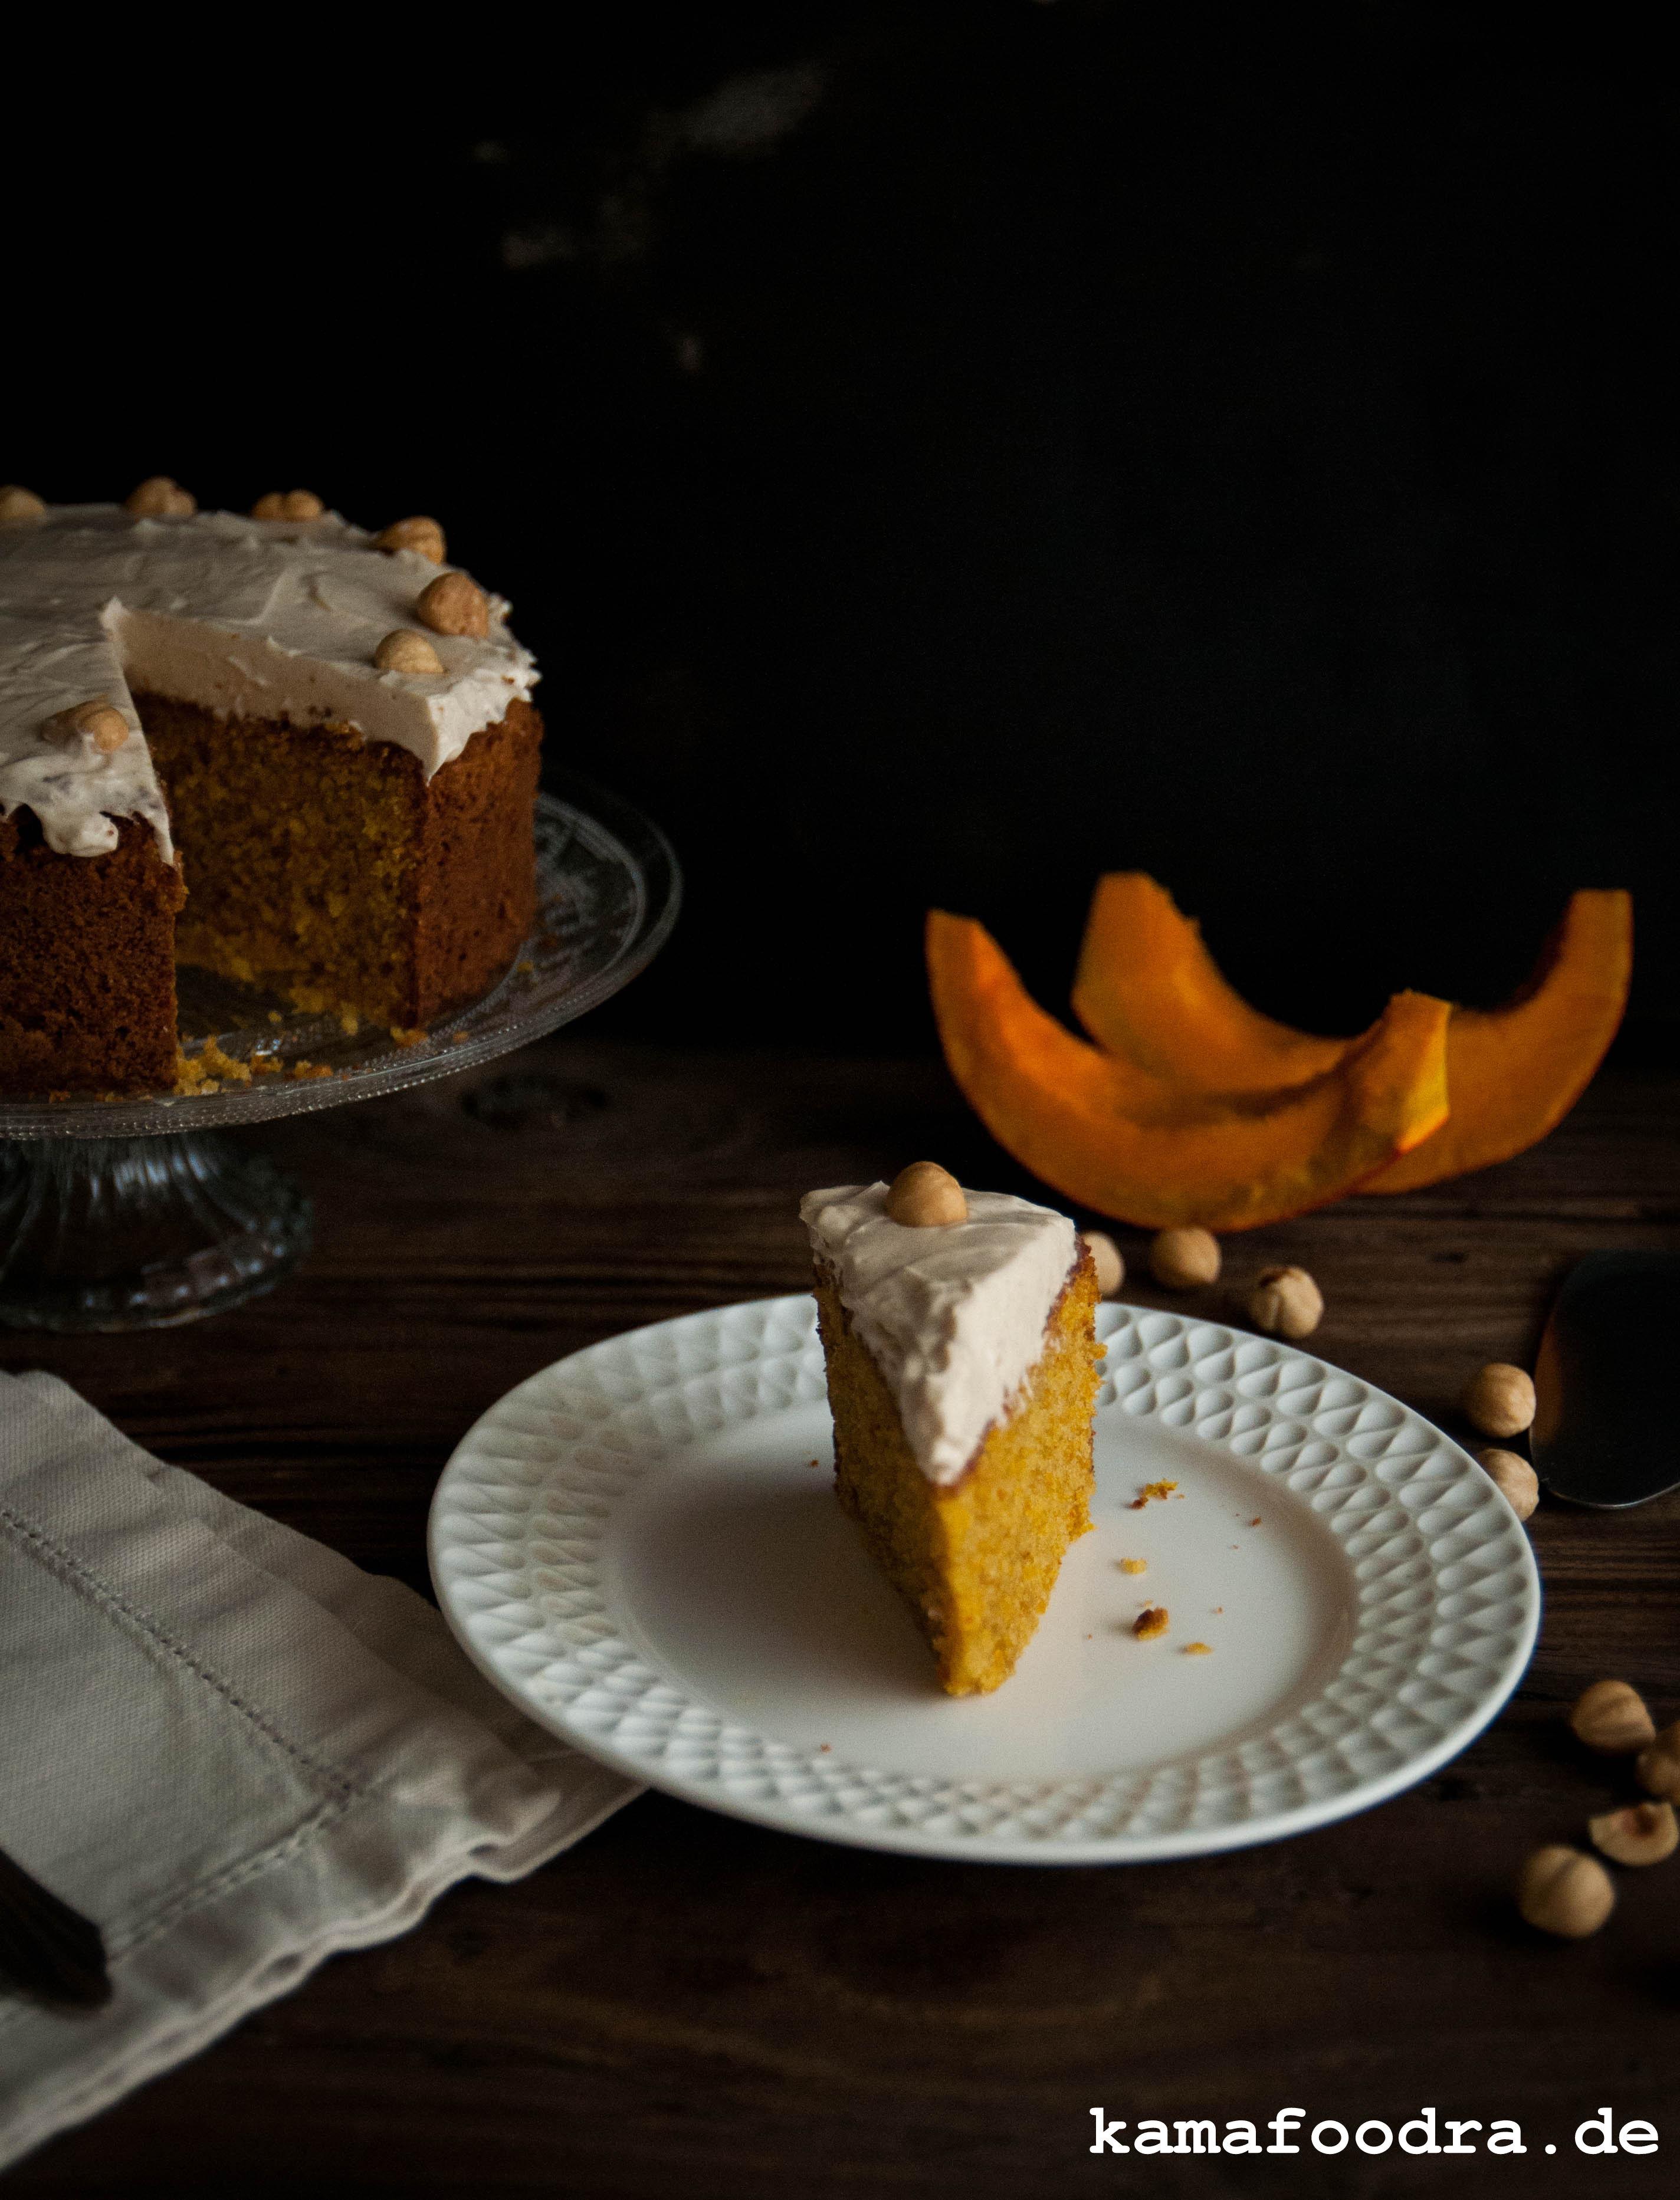 Kuchen15 (1 von 1)